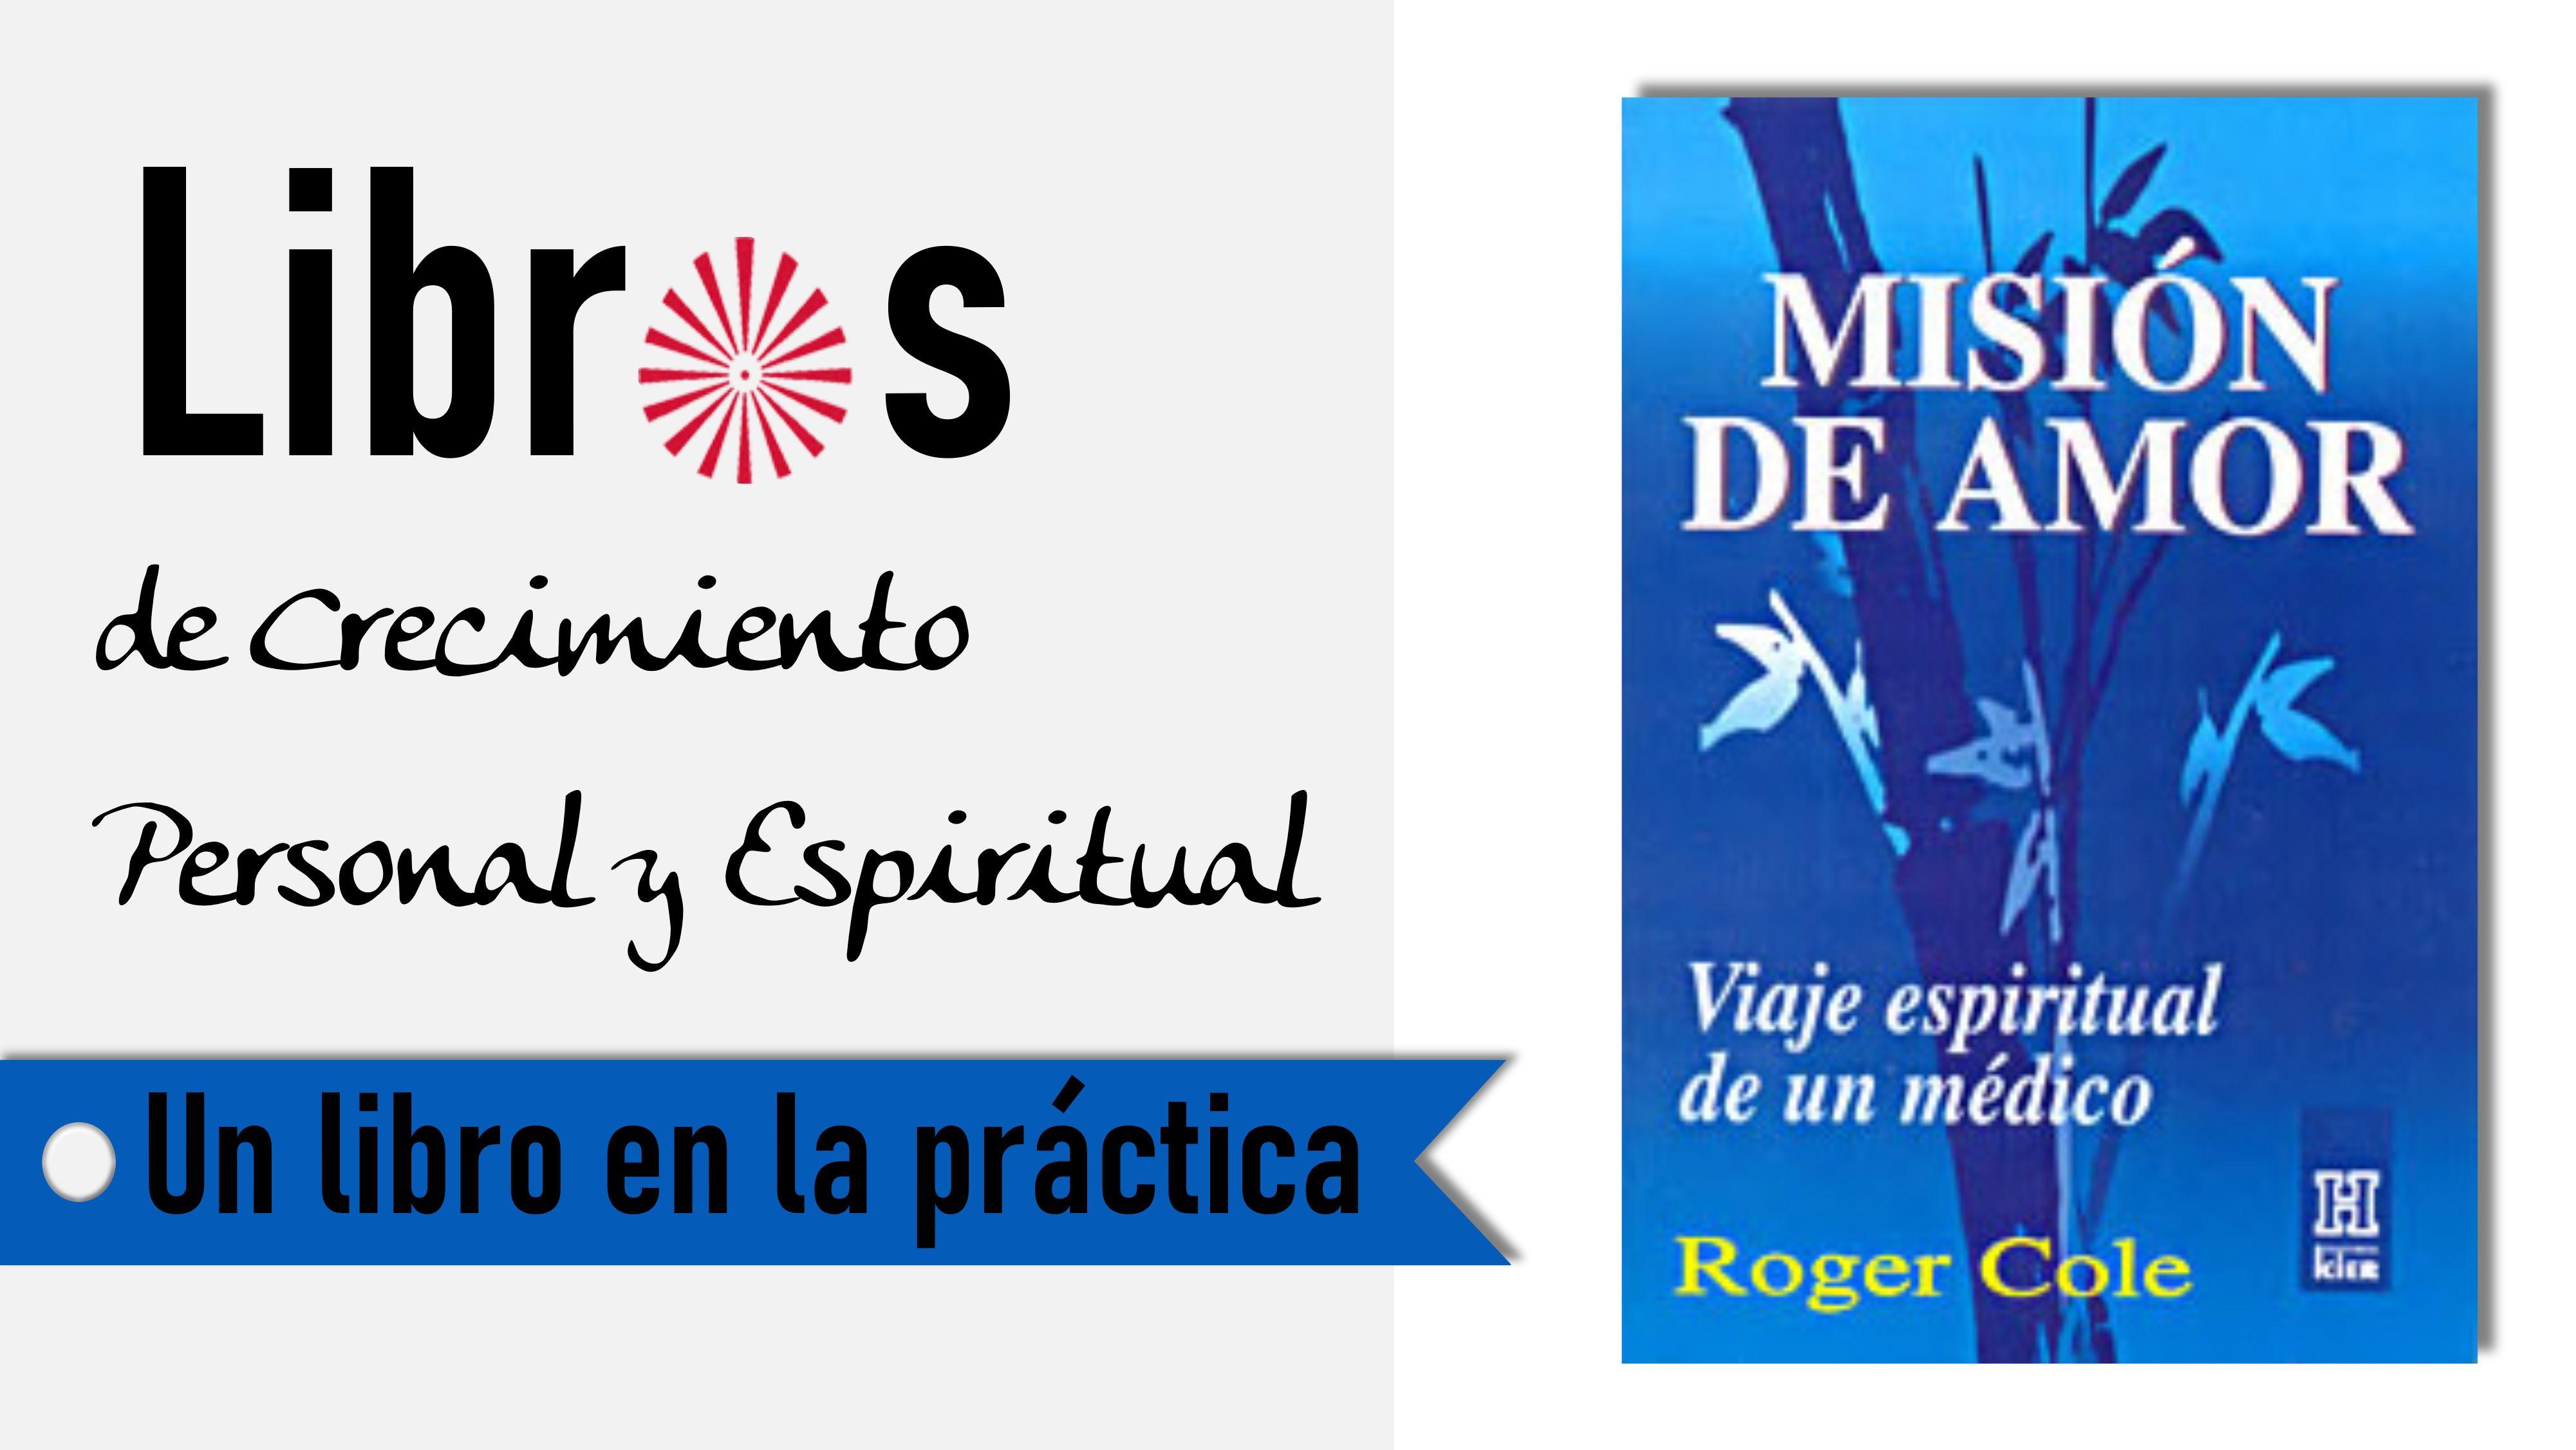 Un libro en la práctica - Misión de Amor: Cómo afrontar la enfermedad y la muerte (29 Septiembre 2020) On-line desde Barcelona